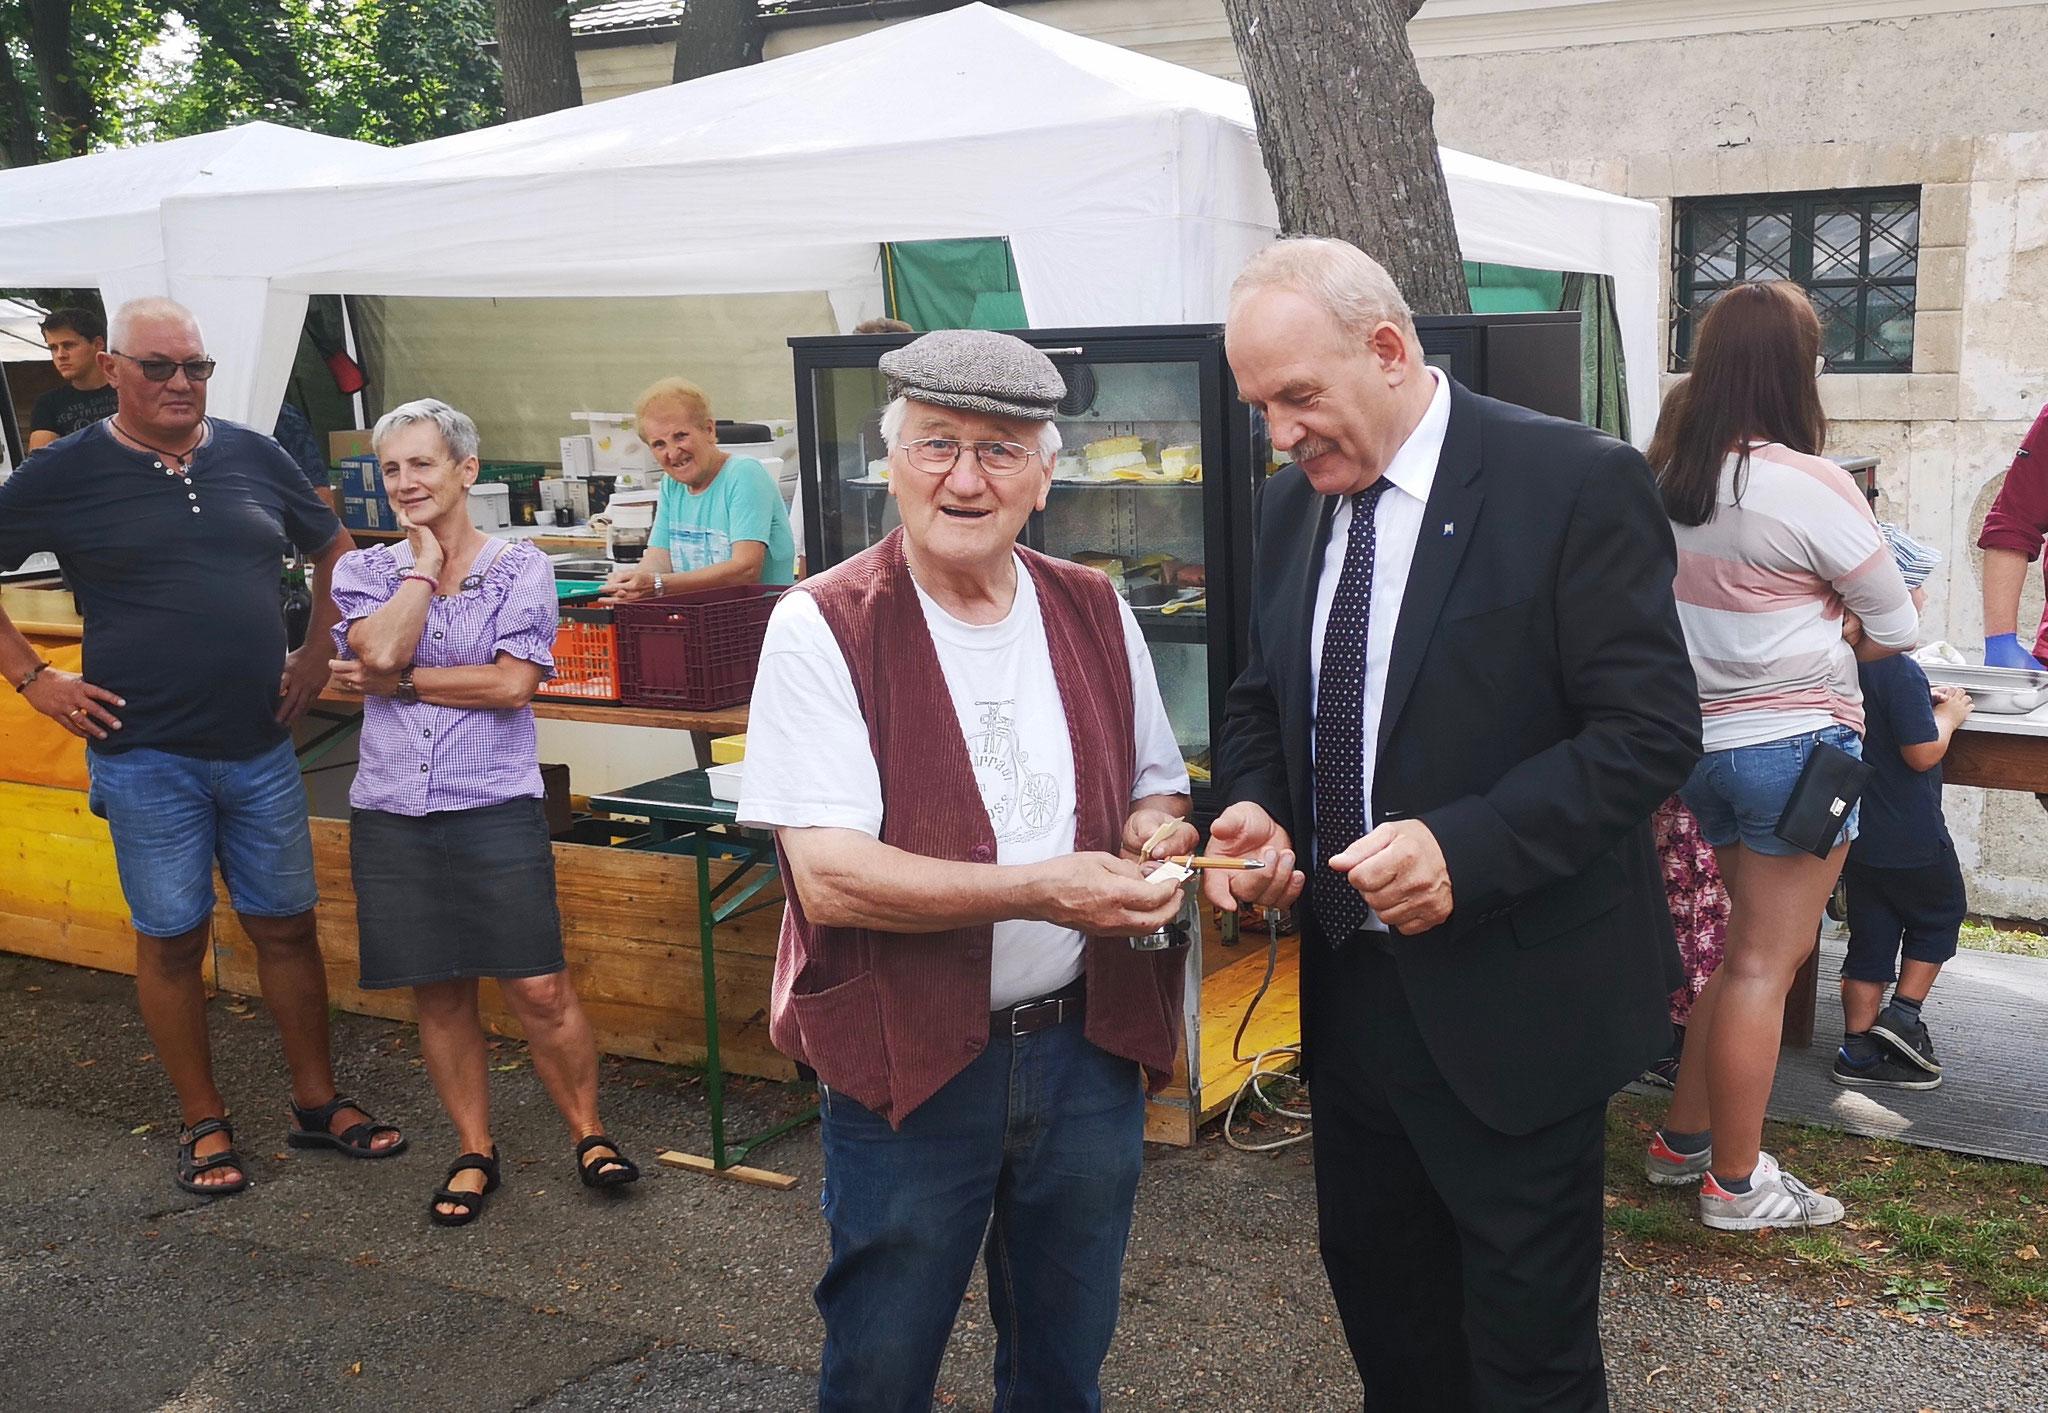 Der Retzer Bürgermeister Helmut Koch bekommt von Fritz Hurtl, dem Direktor des Museums, eine kleine Erinnerung anläßlich des 20 Jahr Bestehens.